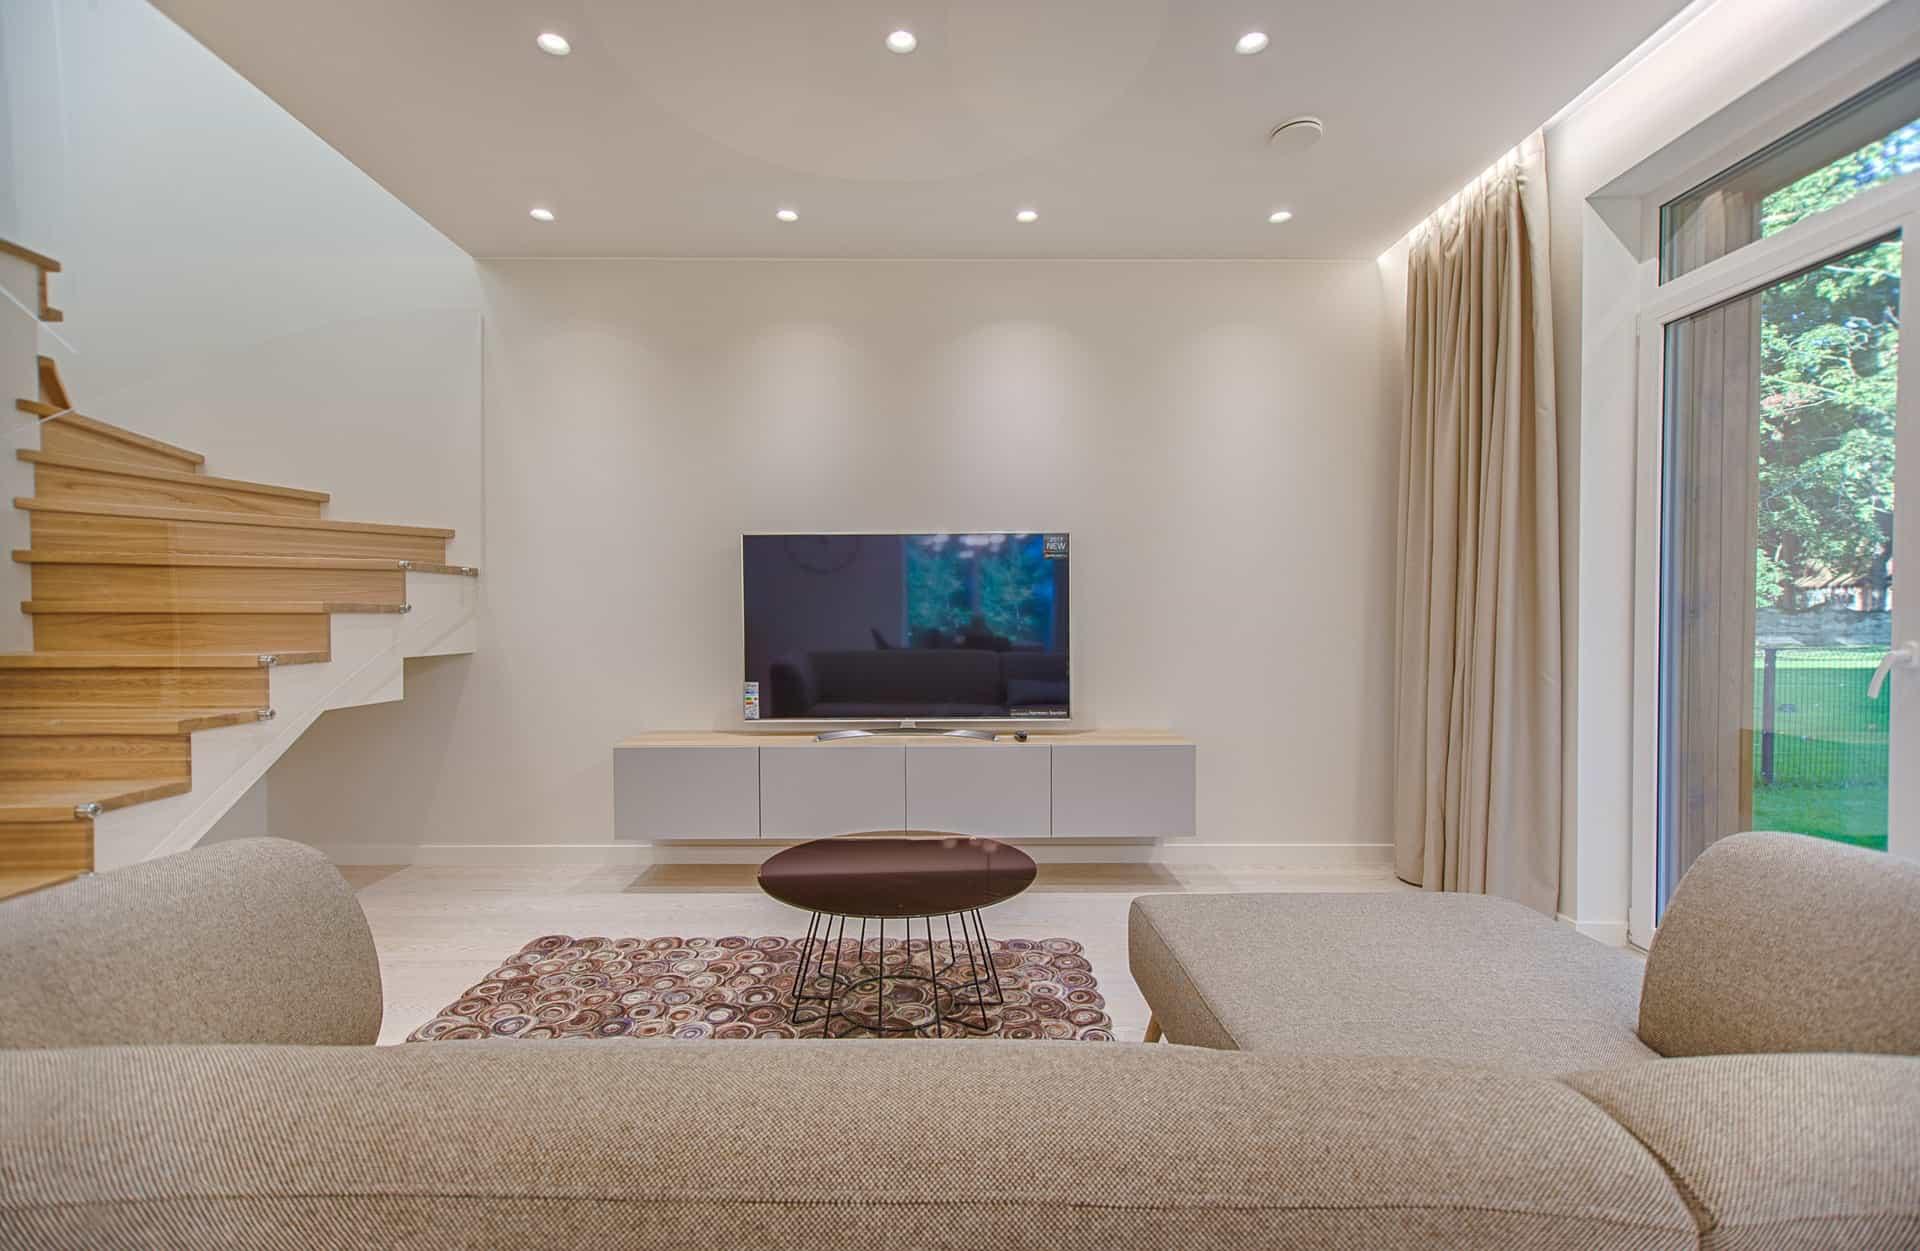 Na imagem há uma sala de estar com escada de madeira no canto esquerdo e uma grande janela no lado direito, no meio está uma televisão.